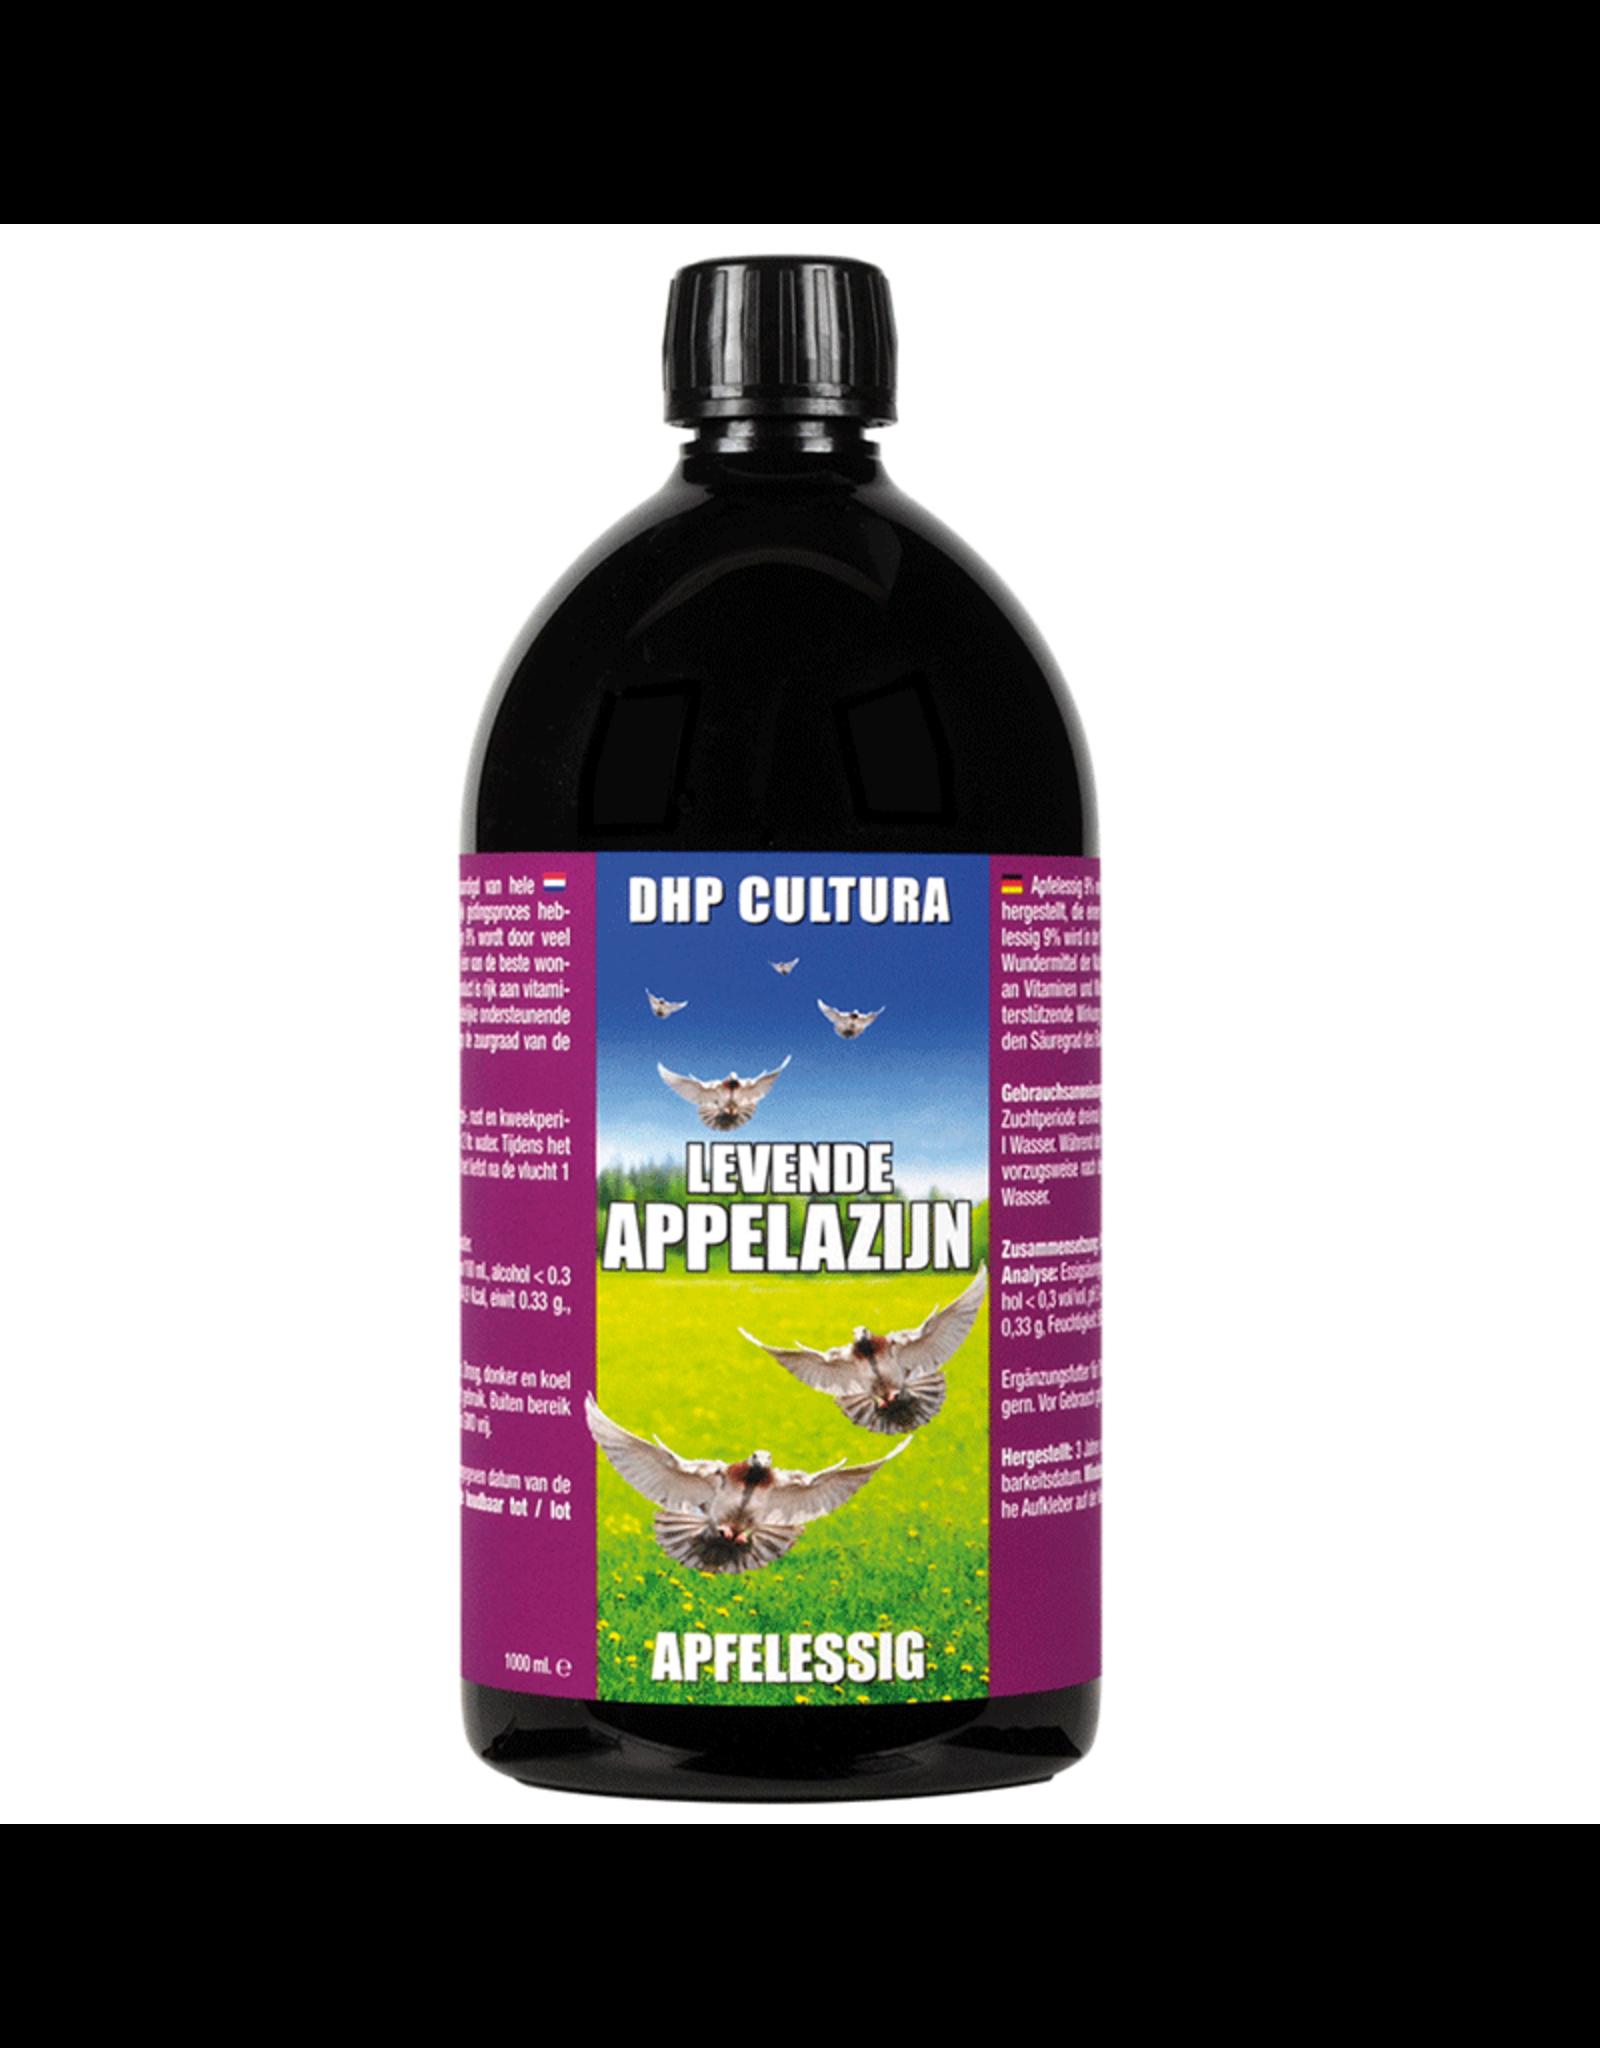 DHP Cultura Appelazijn knofl/honing - 1 Liter